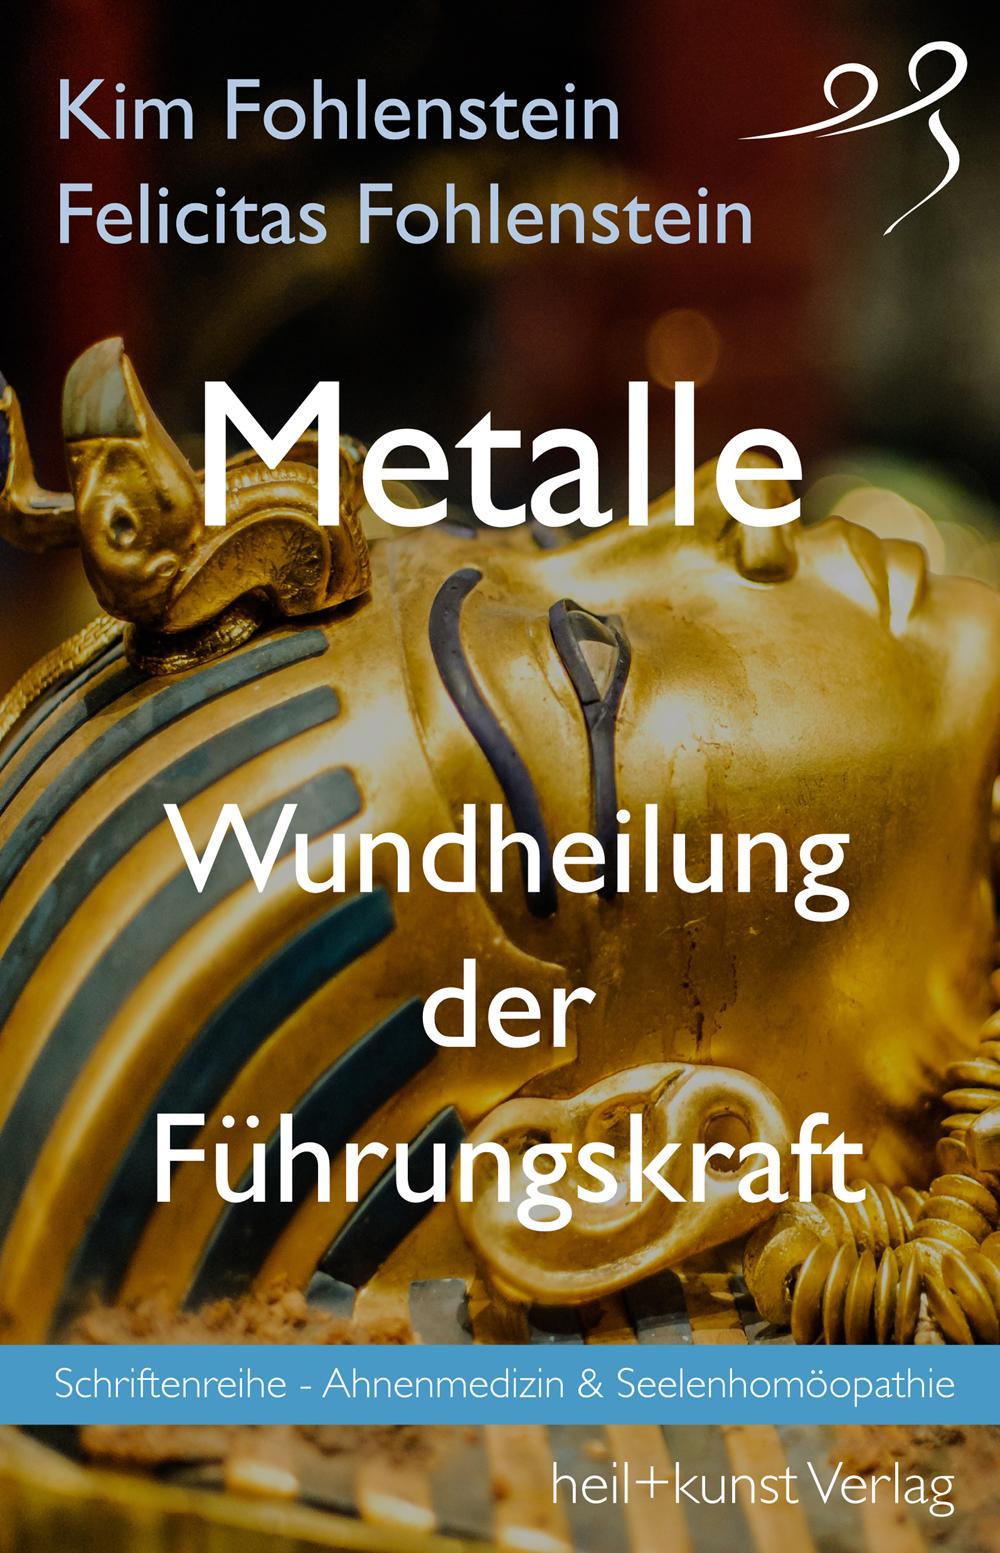 Metalle-Taschenbuch-cover